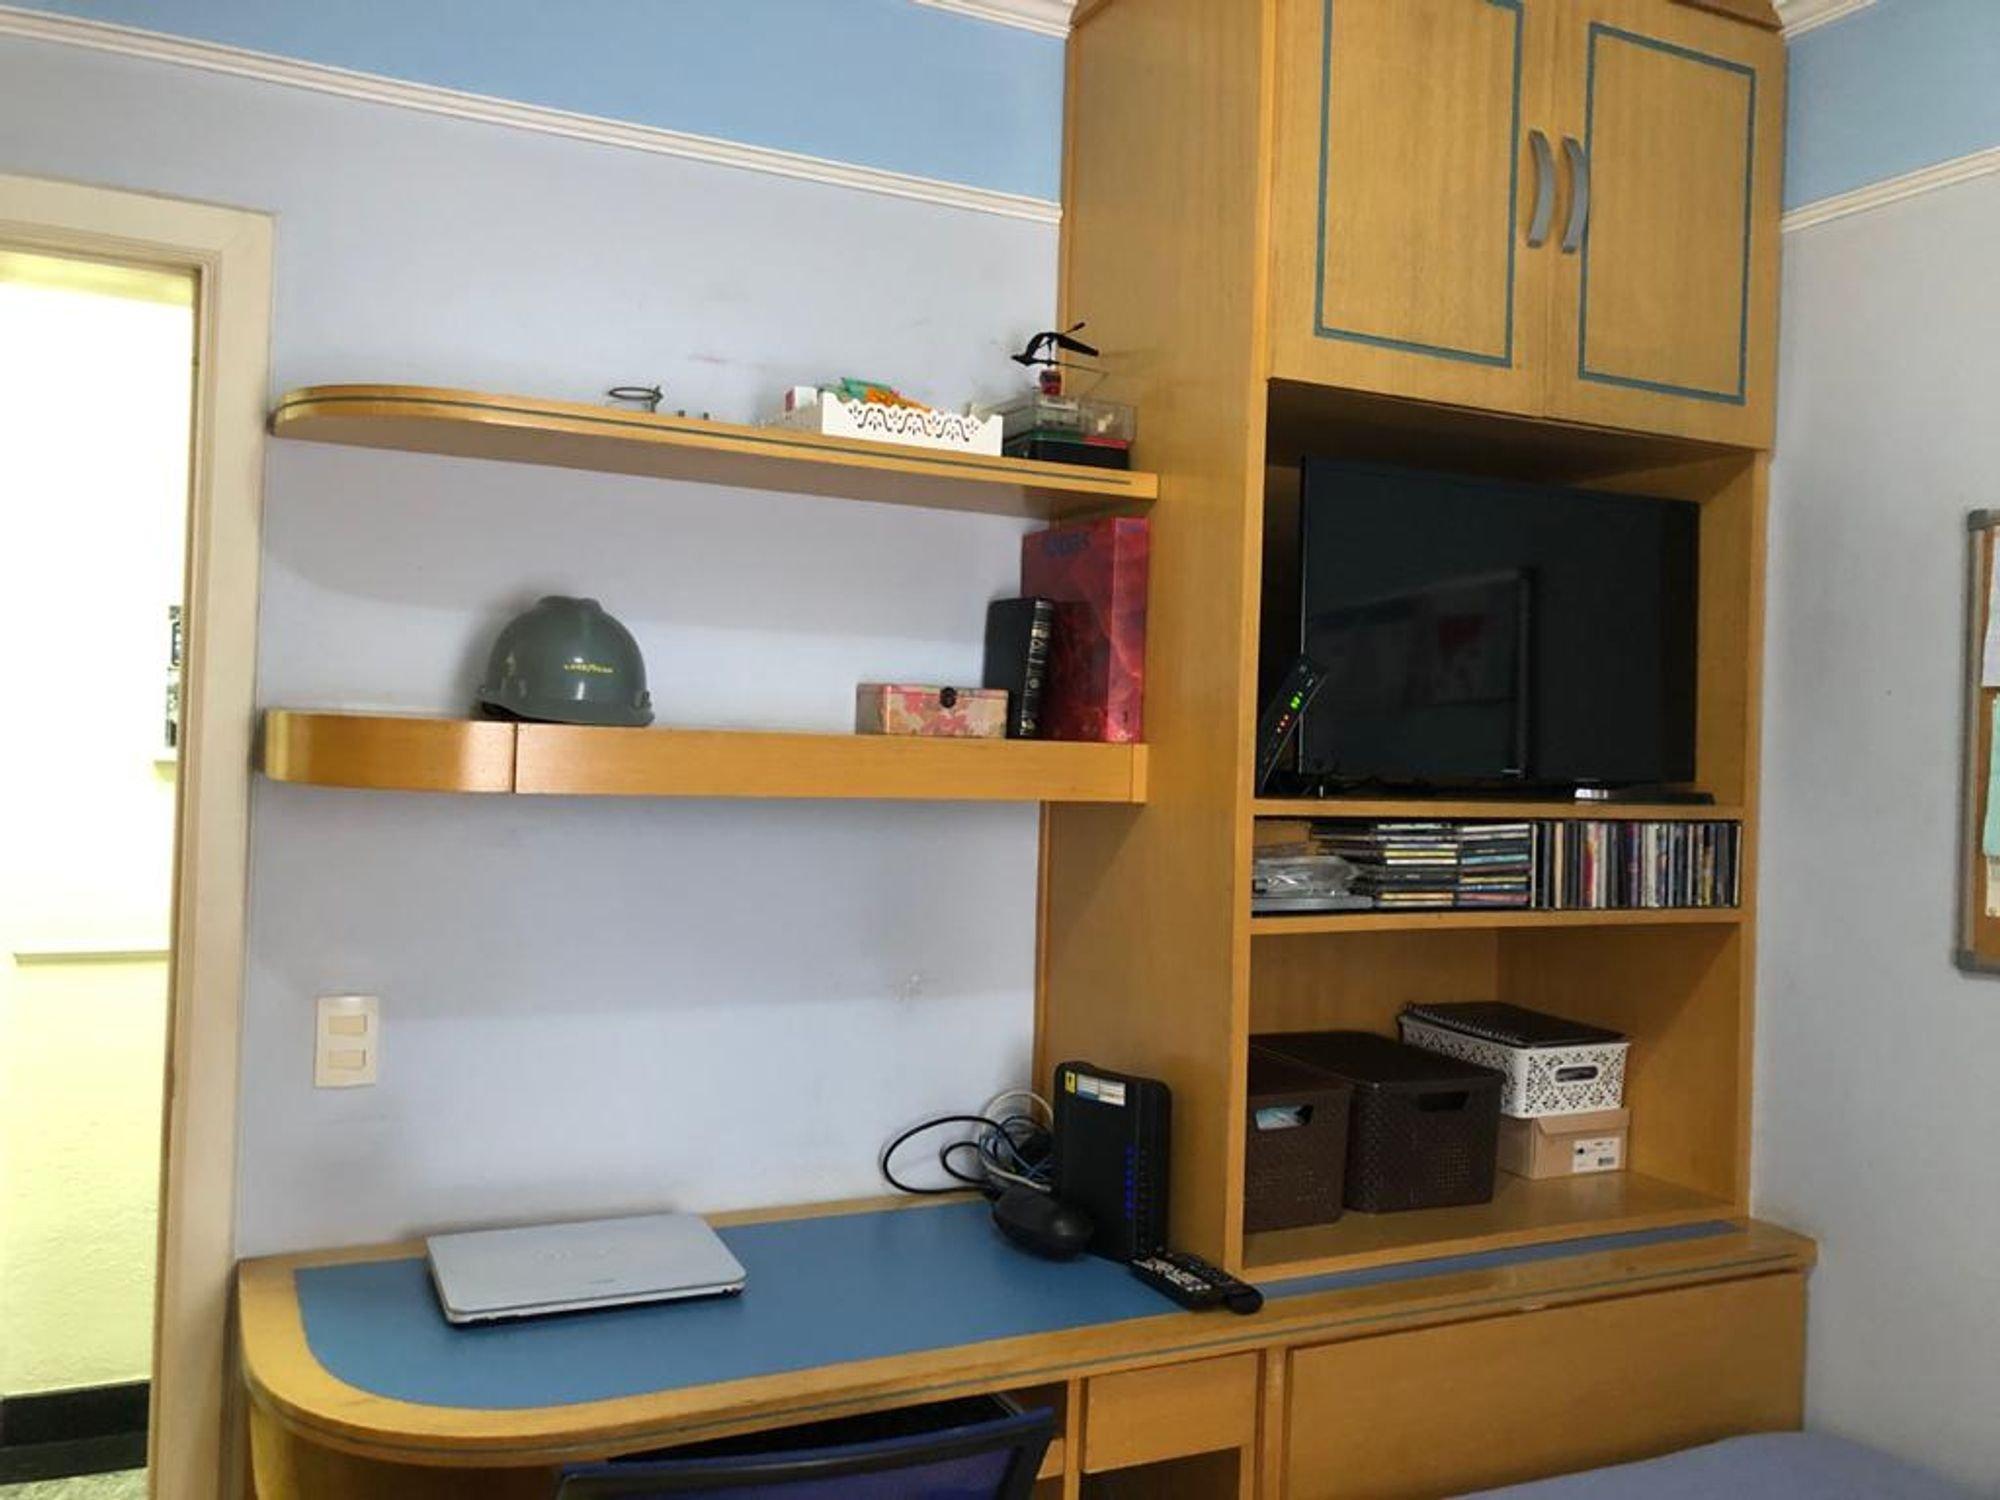 Foto de Quarto com controle remoto, televisão, cadeira